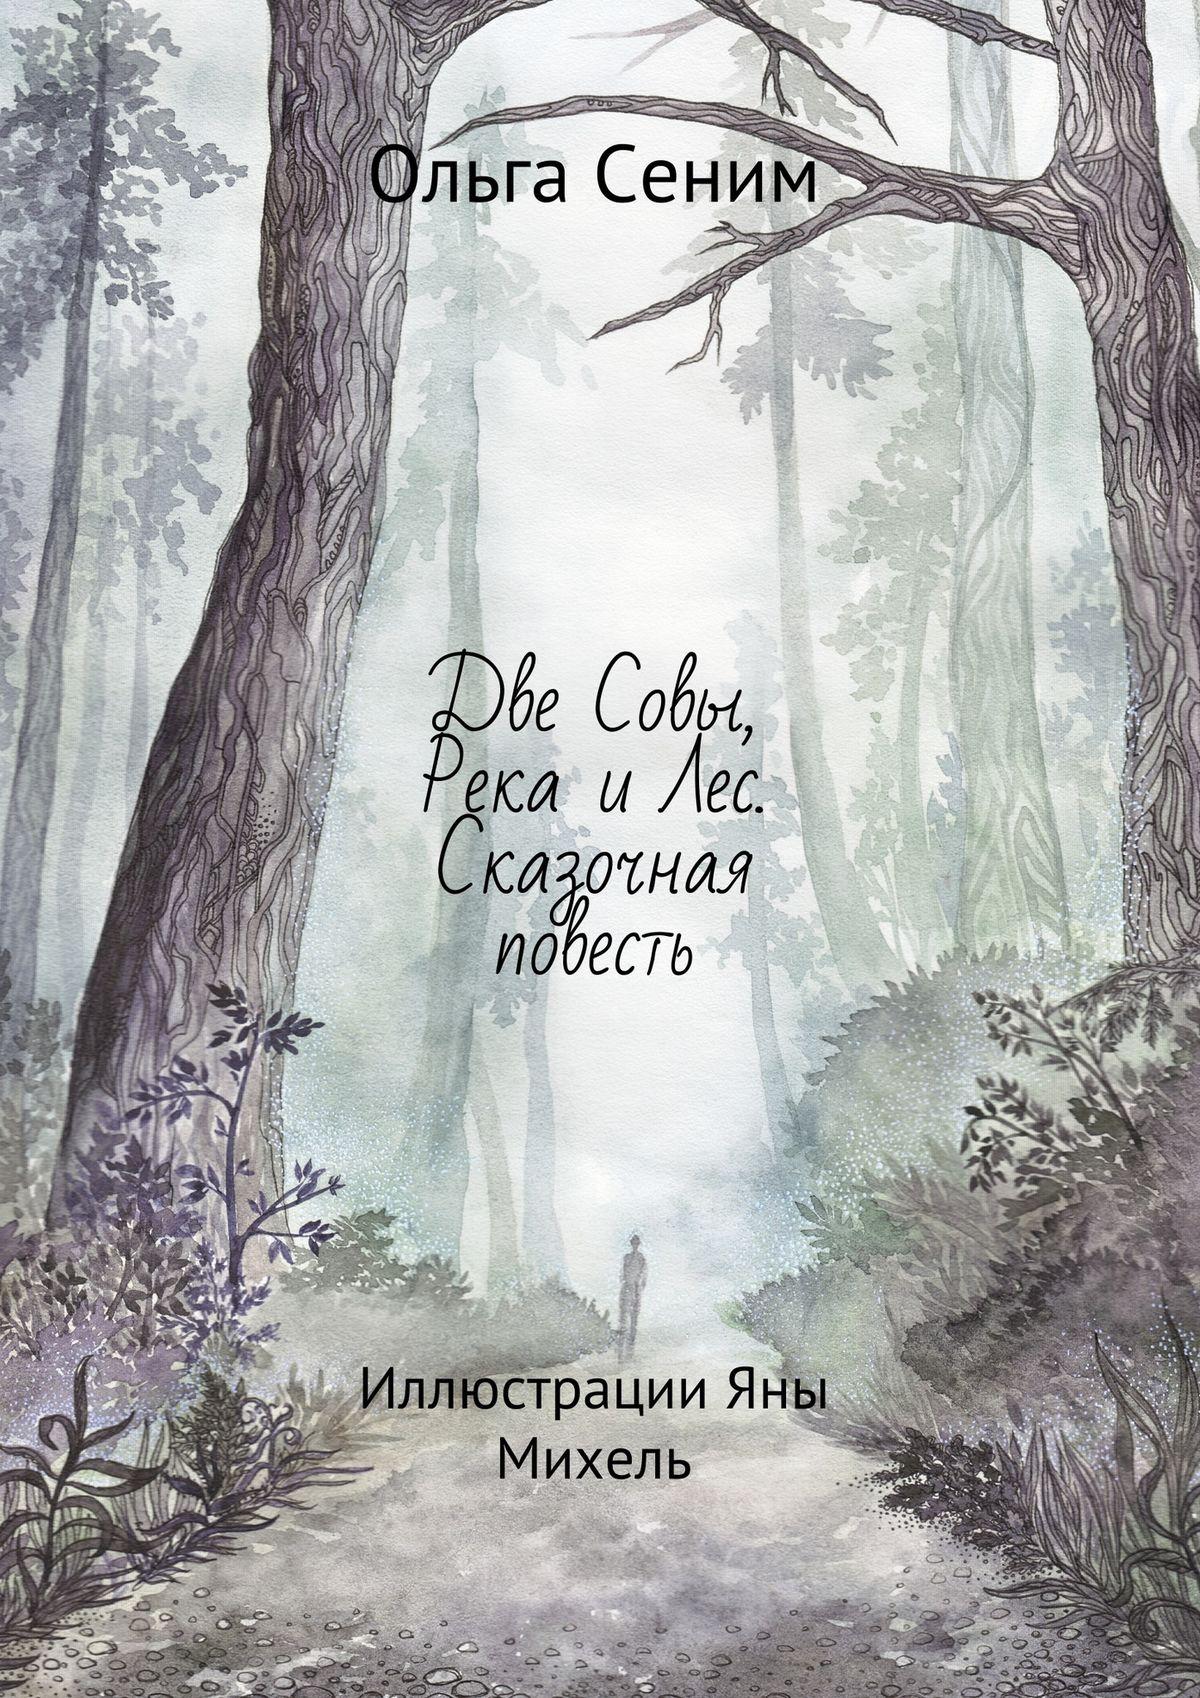 Ольга Сеним Две Совы, Река и Лес. Сказочная повесть ольга сеним старый лис наокраинелеса